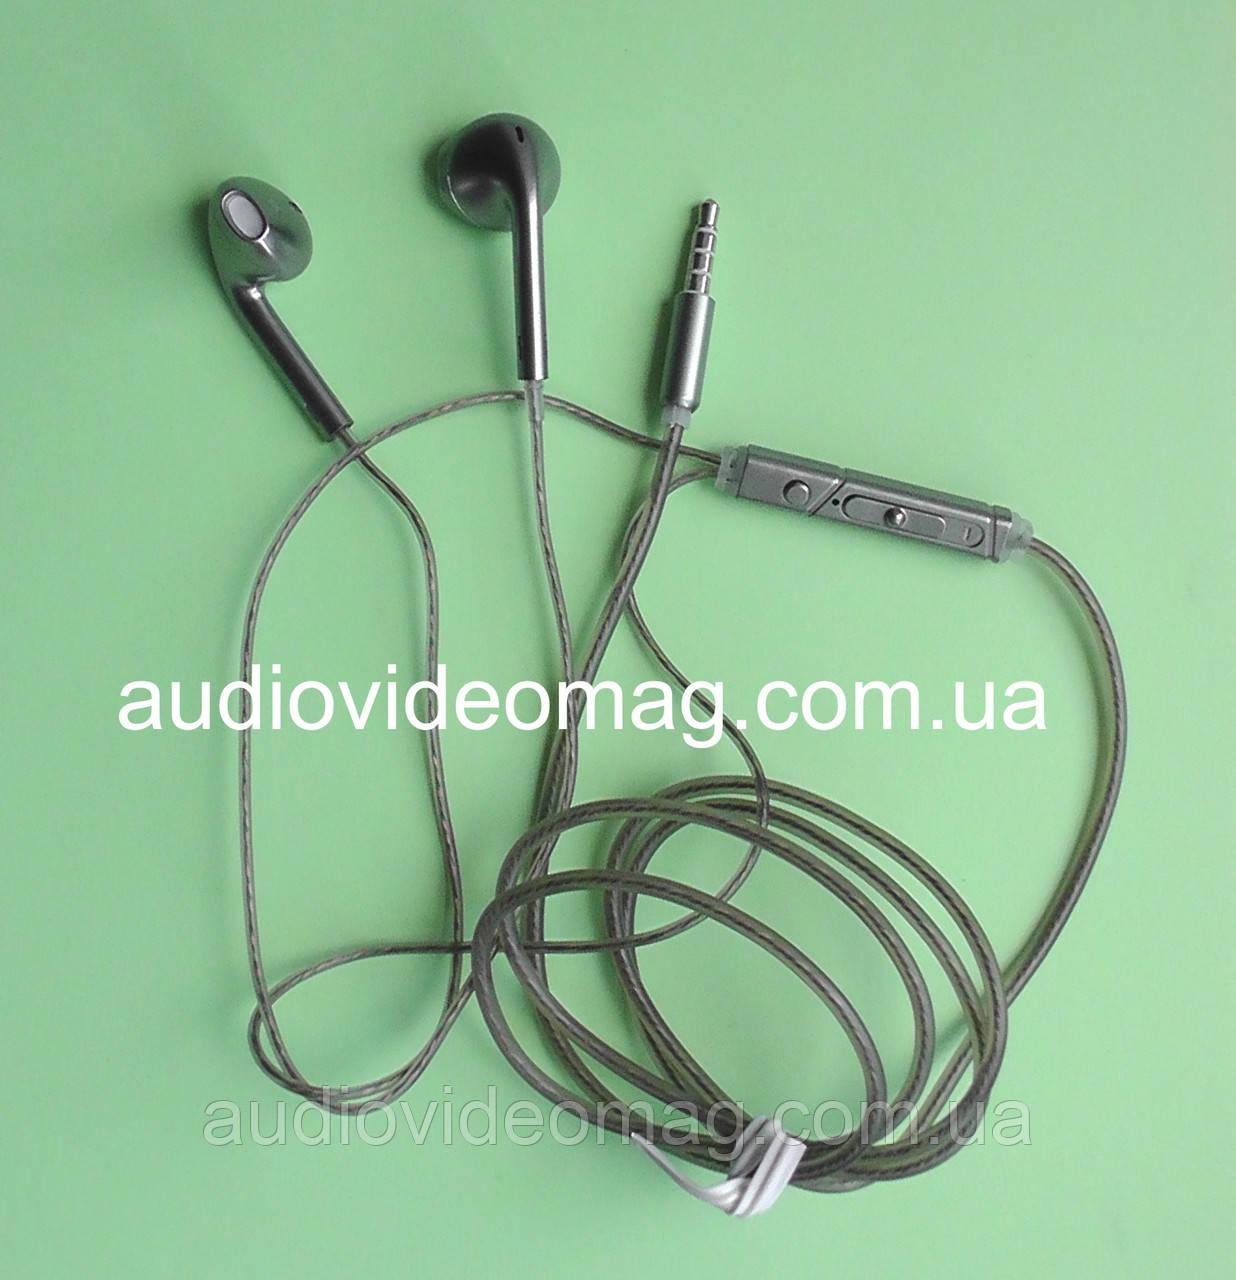 Гарнітура (навушники з мікрофоном) X3 для смартфонів, колір - сріблястий